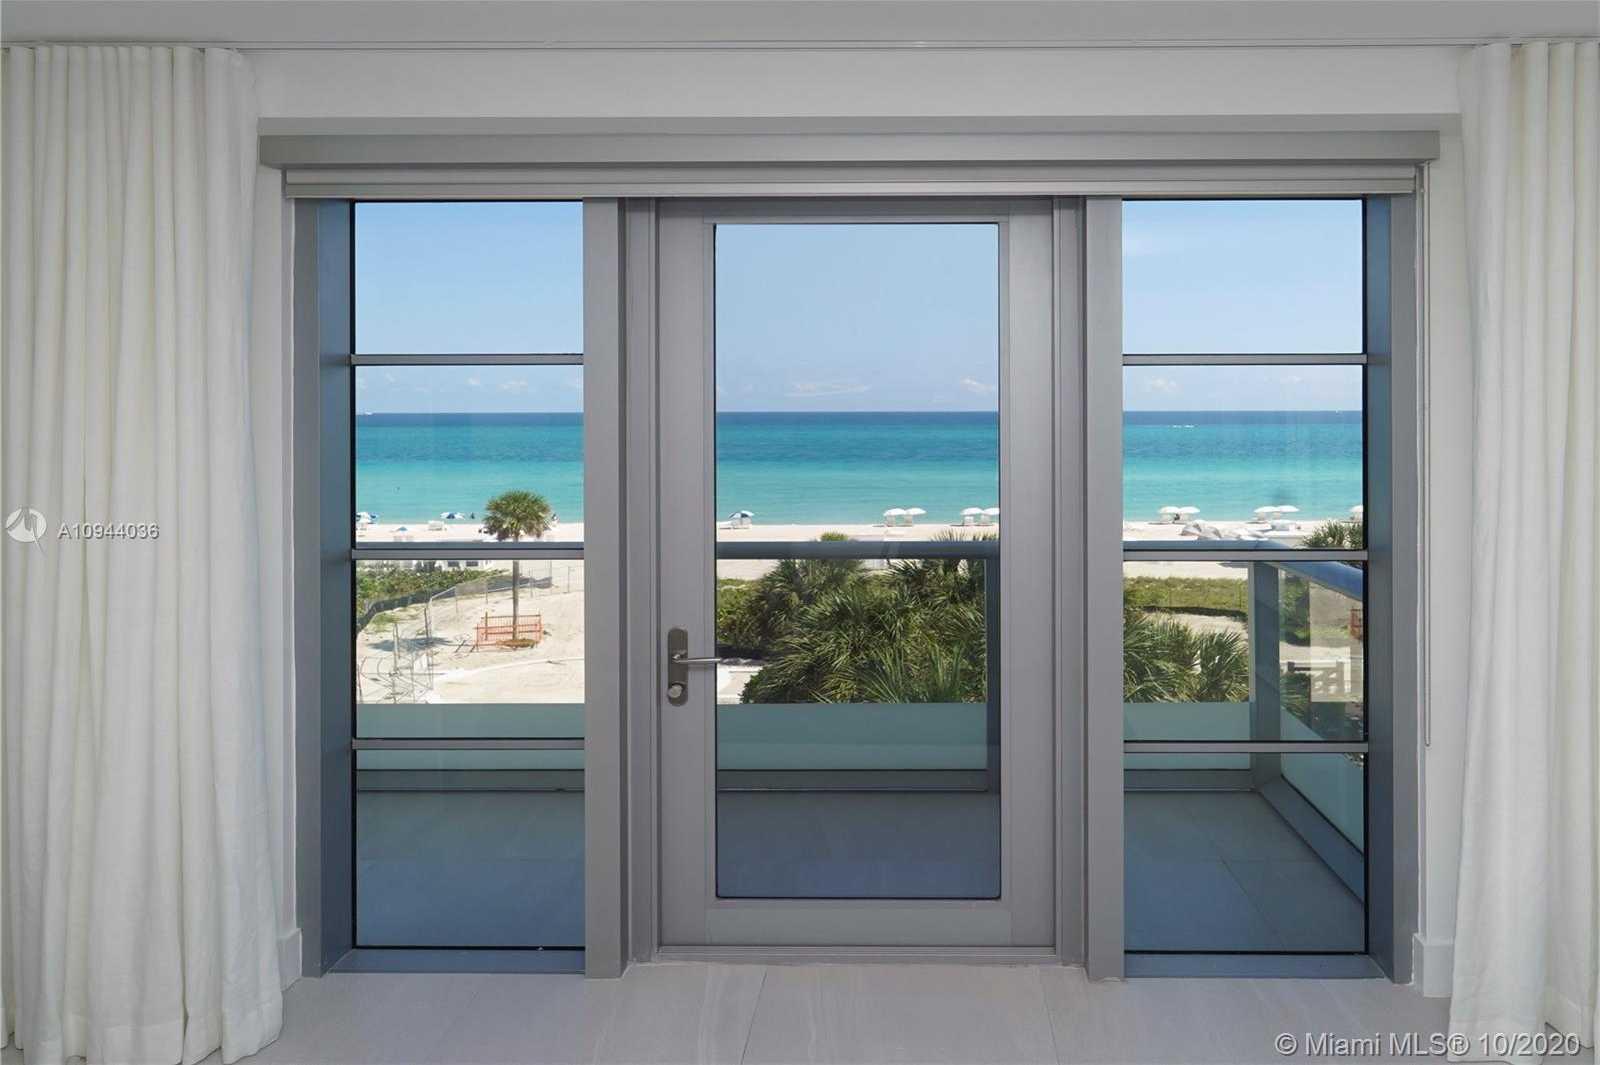 $2,095,000 - 2Br/3Ba -  for Sale in The Caribbean Condo, Miami Beach